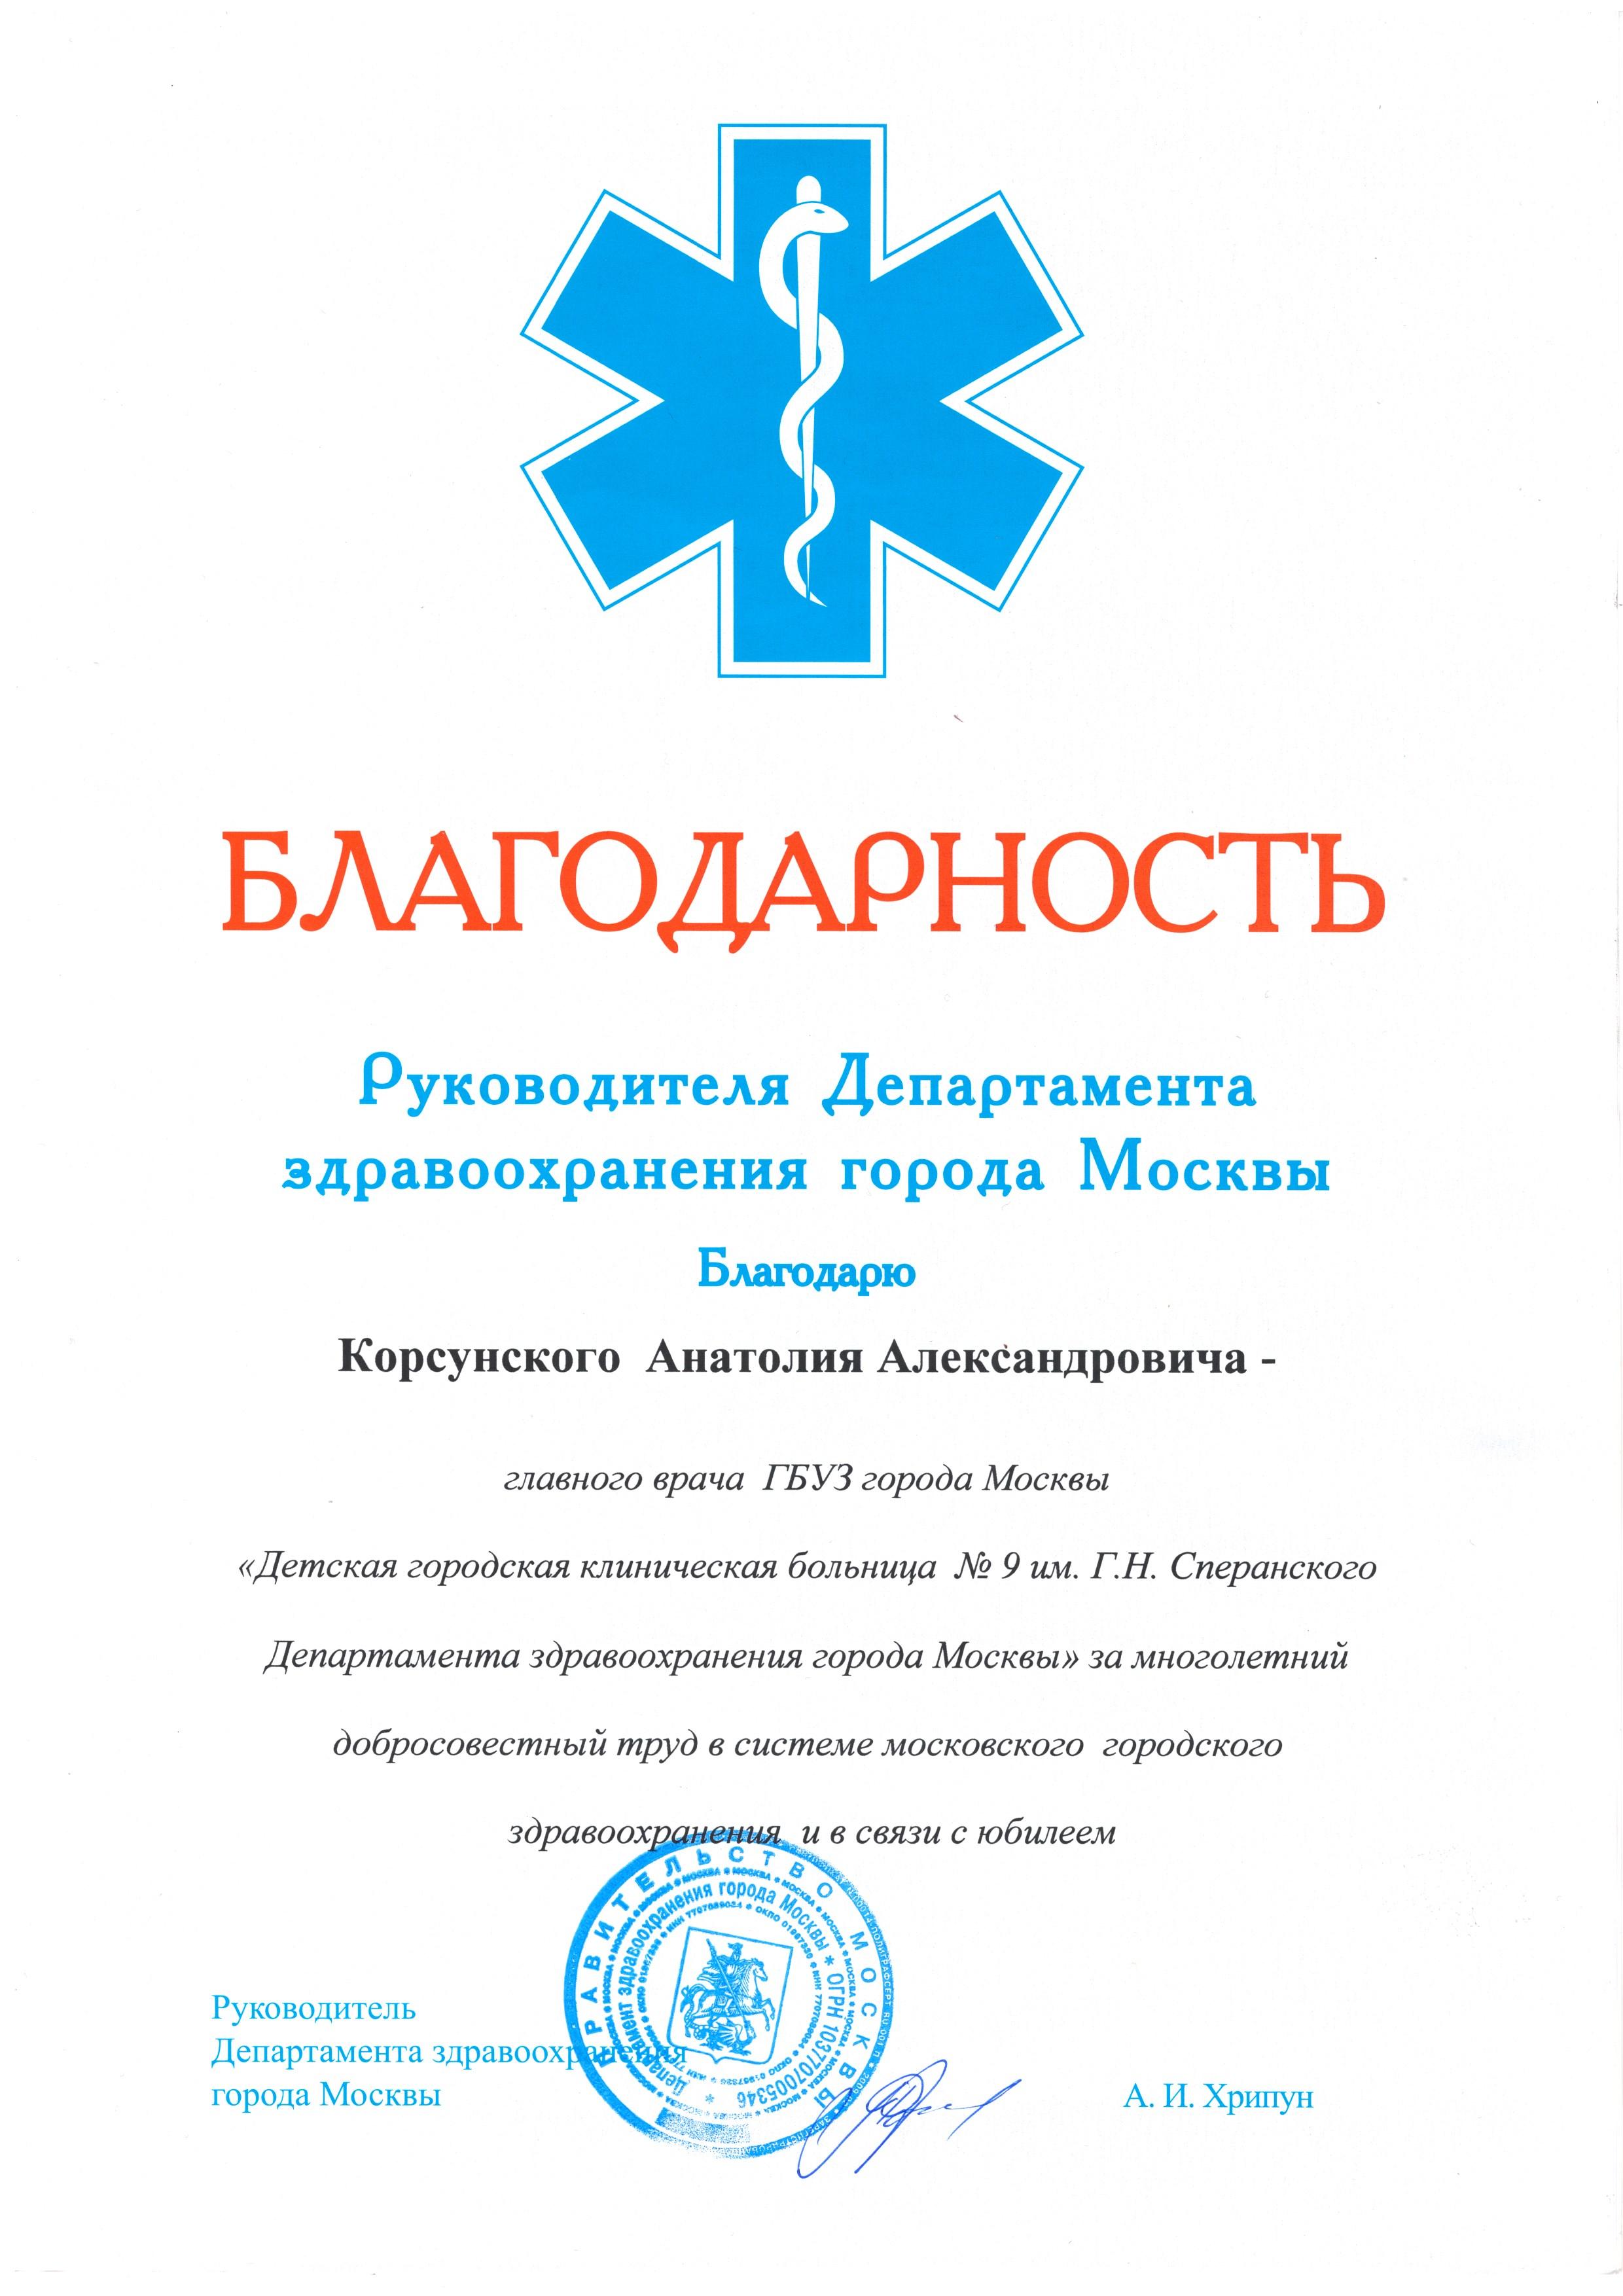 Поздравления главному врачу от коллектива